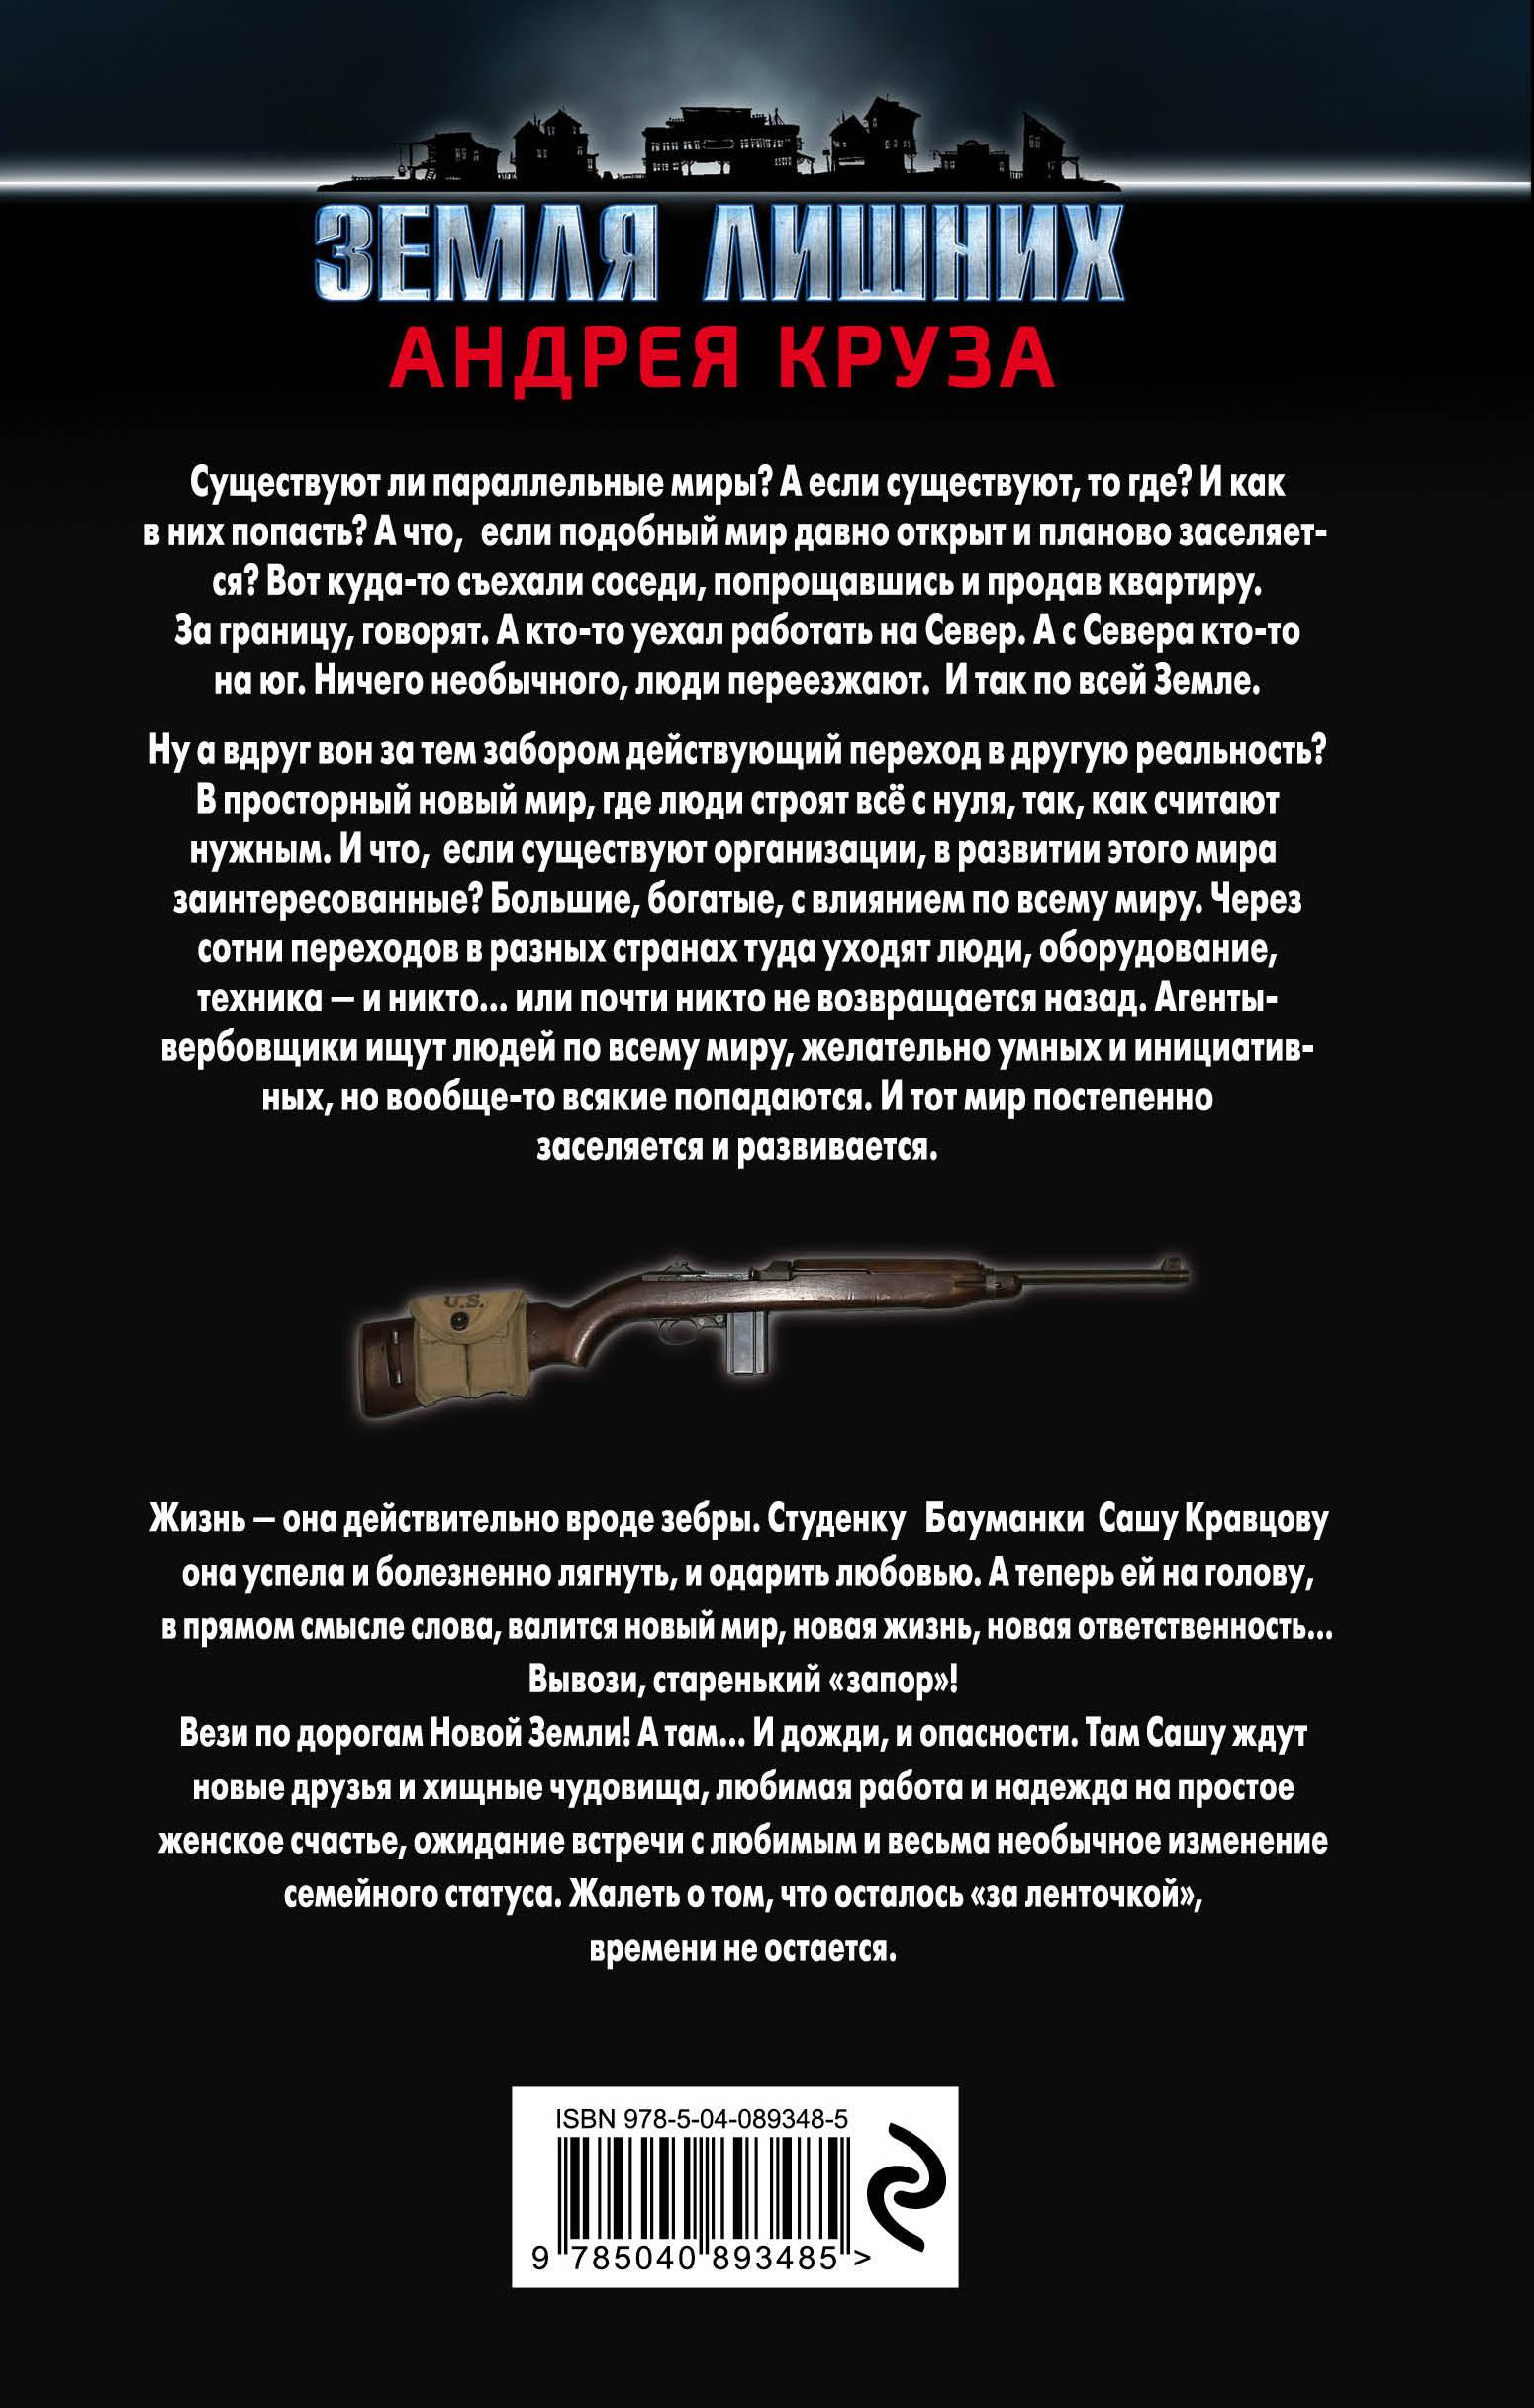 Оружейница. Александр Шило